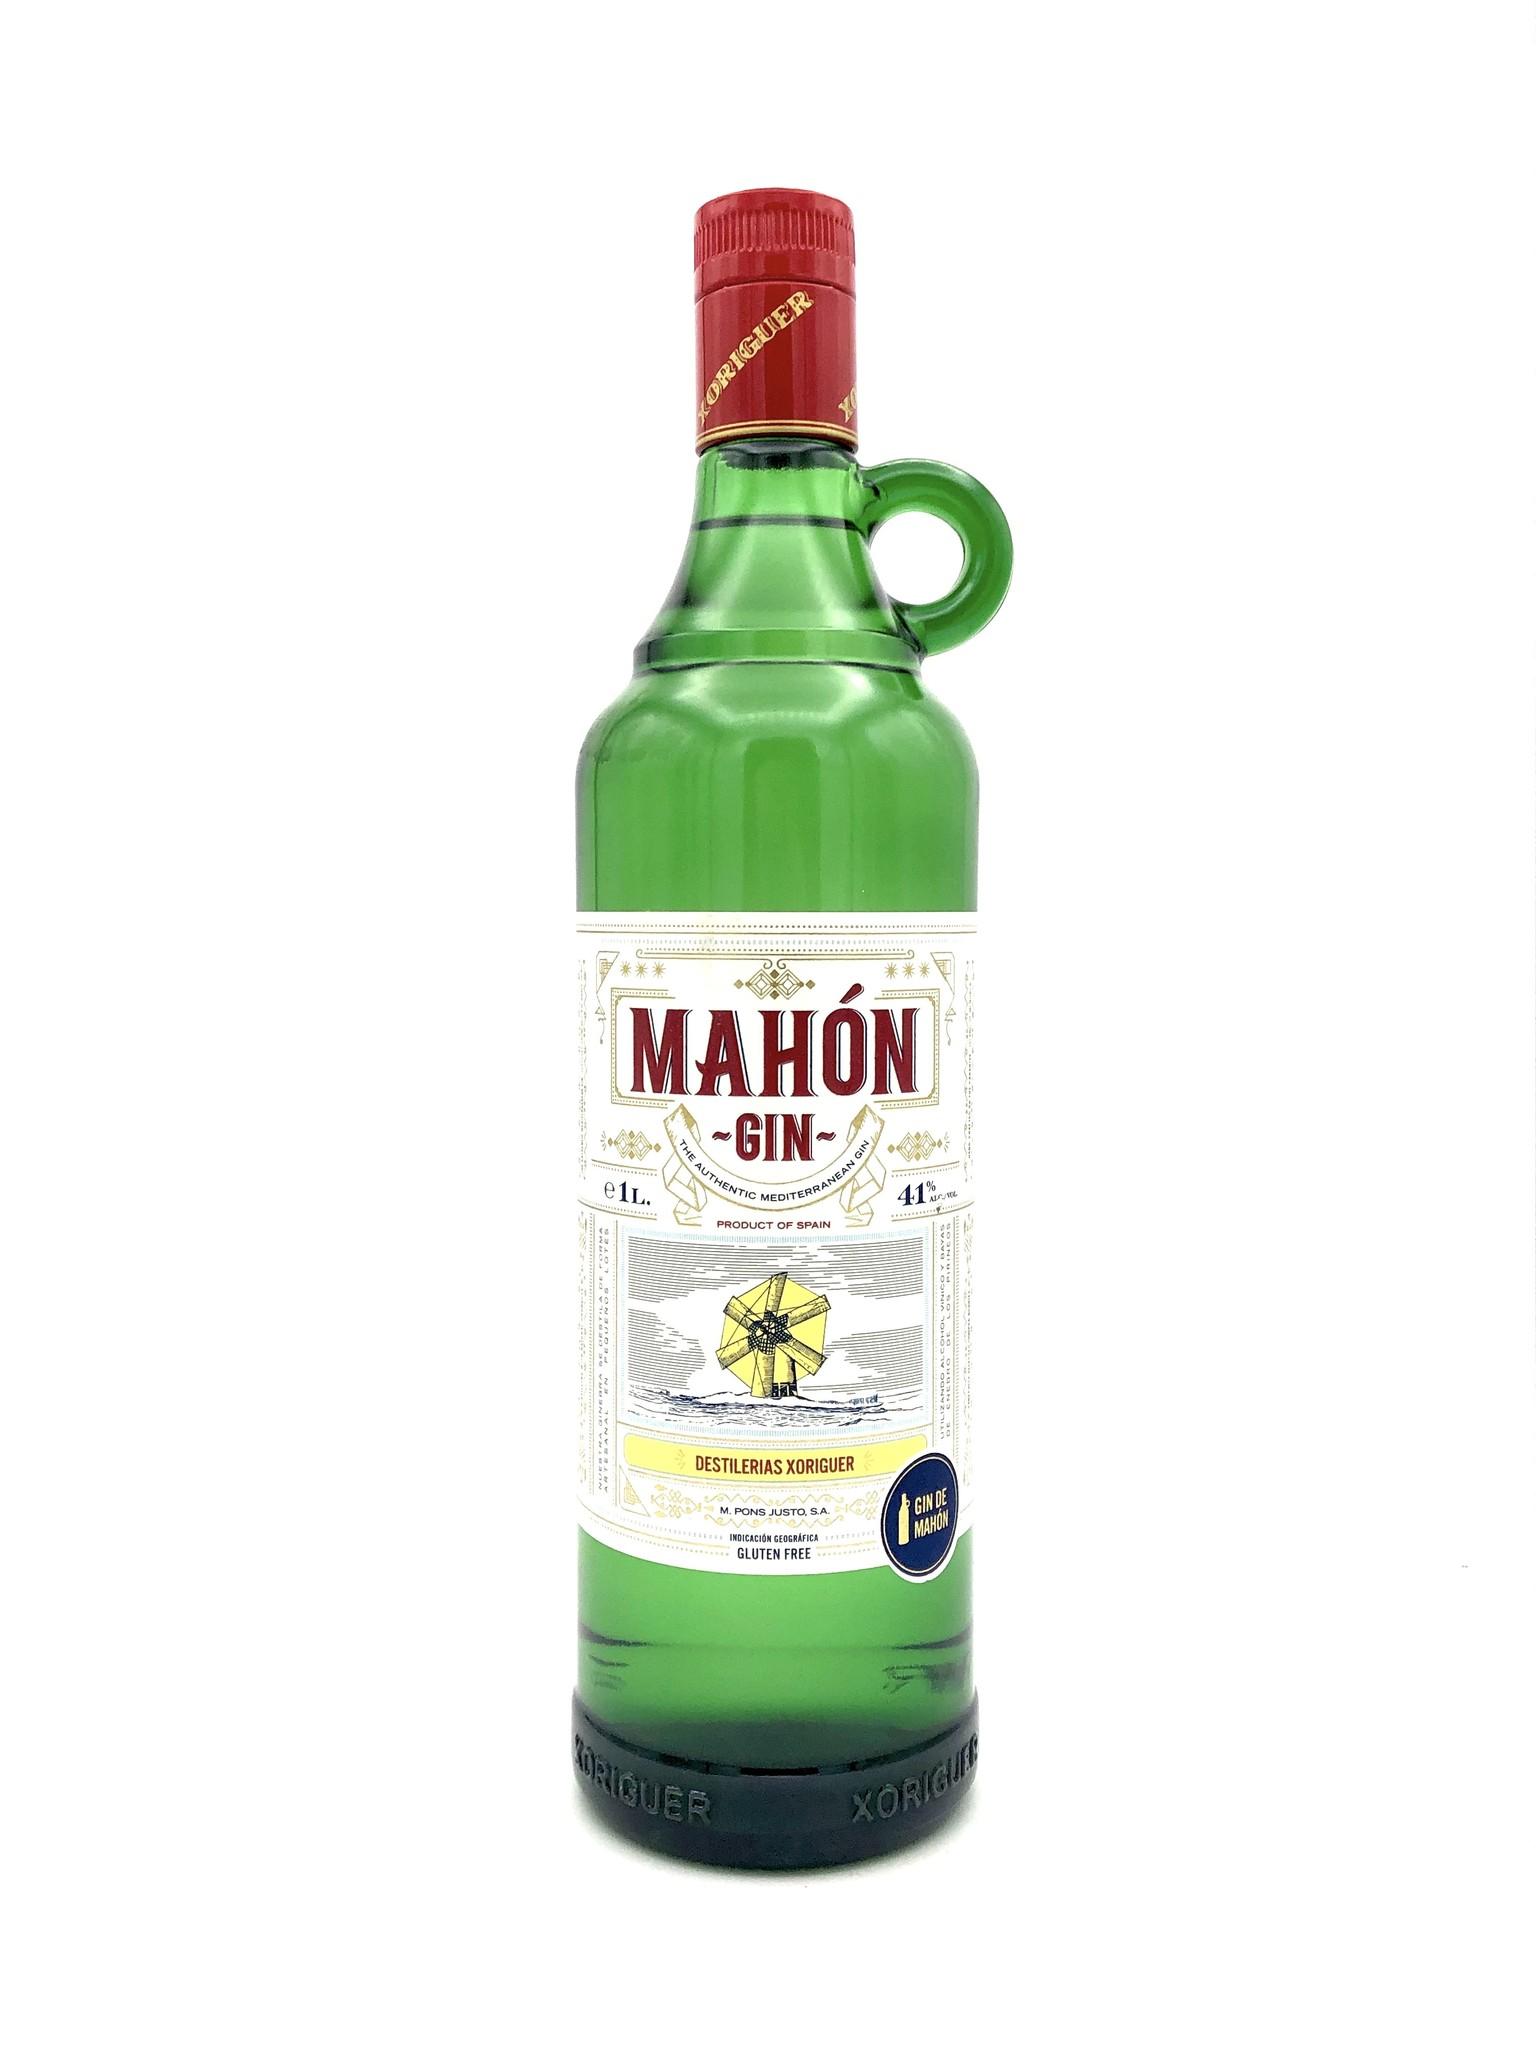 Xoiguer Mahón Gin 1L